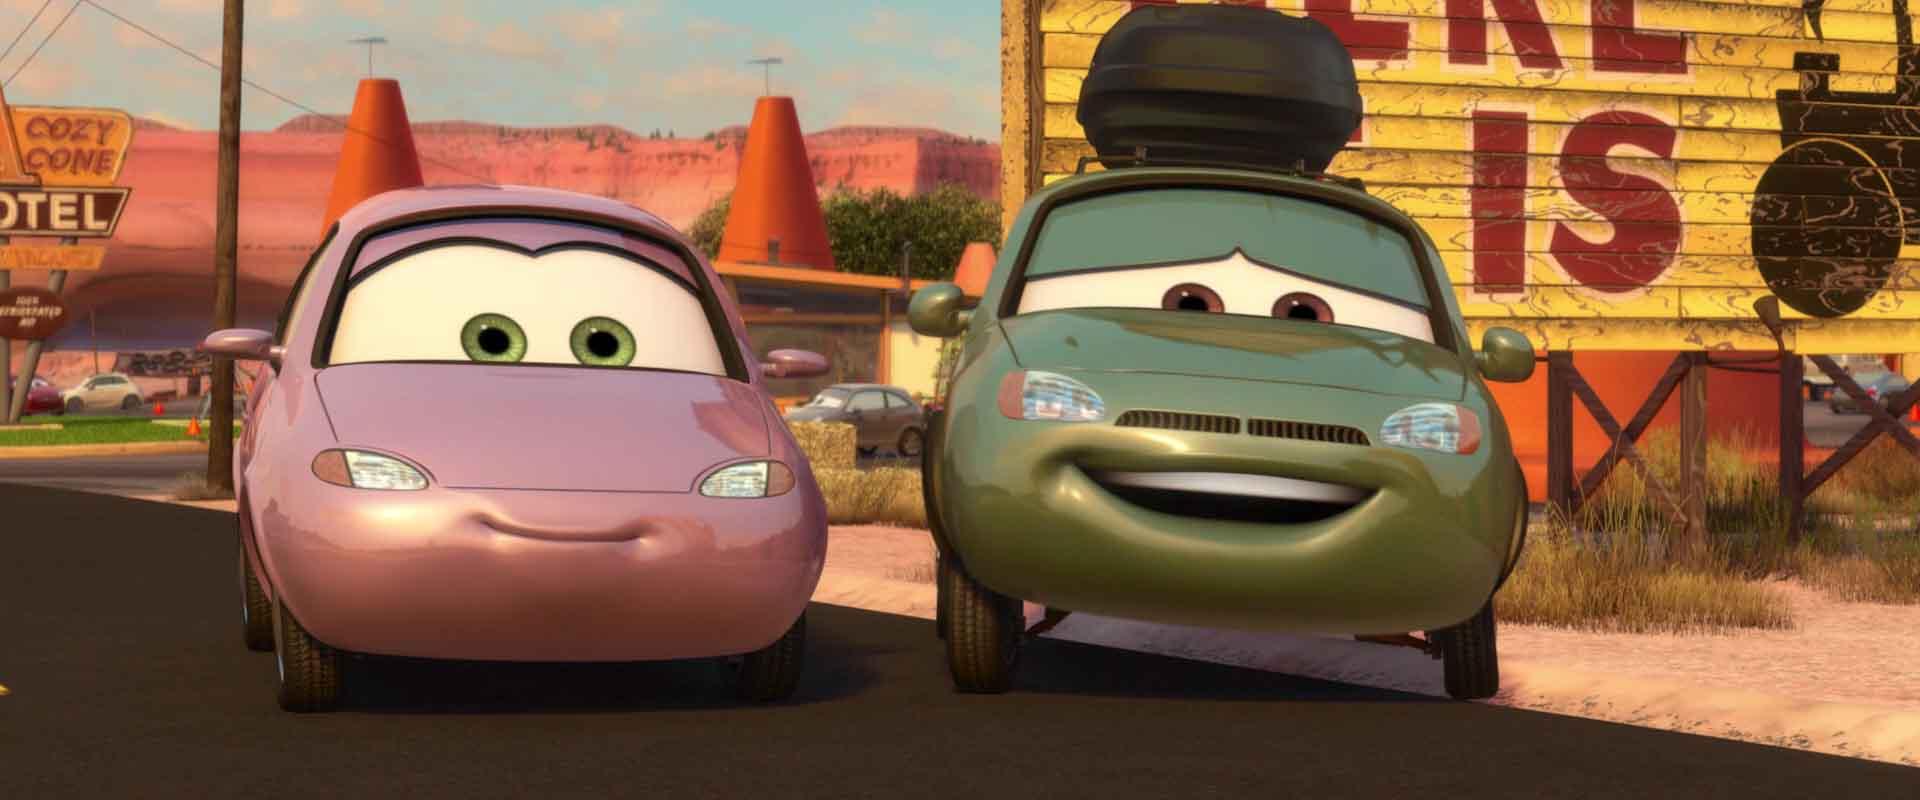 Van and Minny